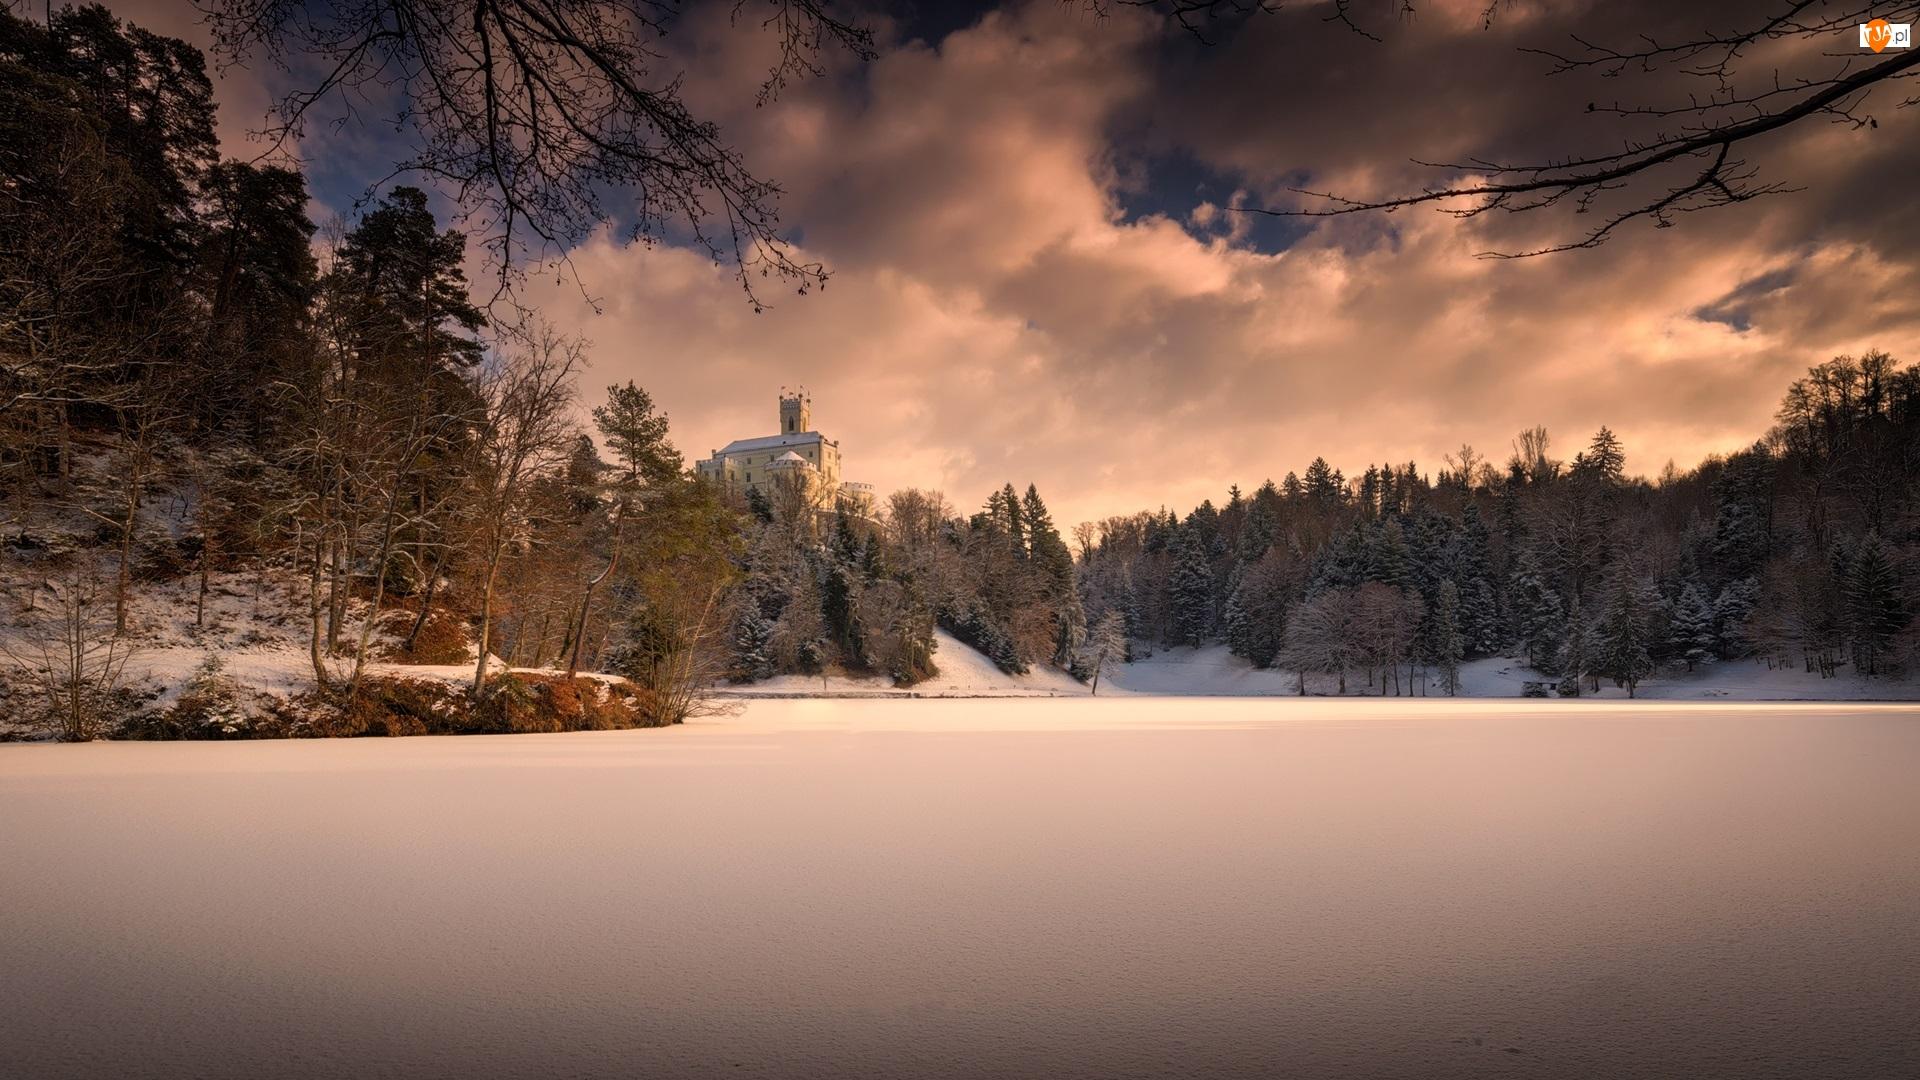 Zamek Trakoscan, Chorwacja, Jezioro, Chmury, Zima, Drzewa